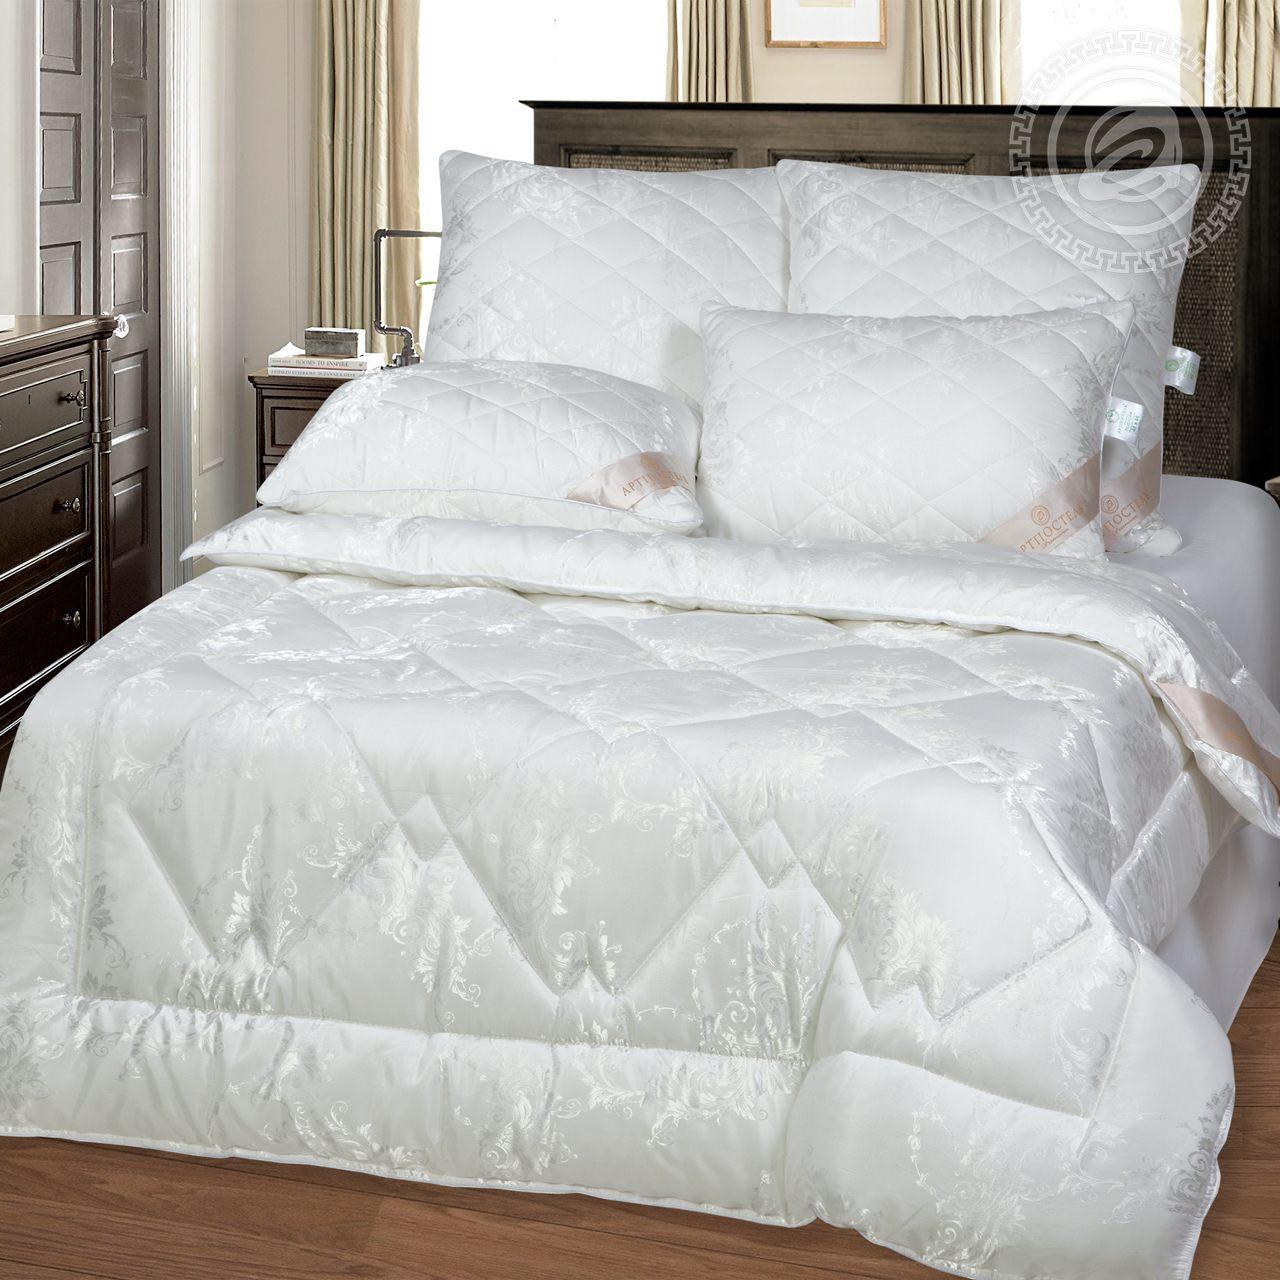 """Одеяло """"Эвкалипт Premium"""" р. 200x215 — Эвкалипт Premium"""